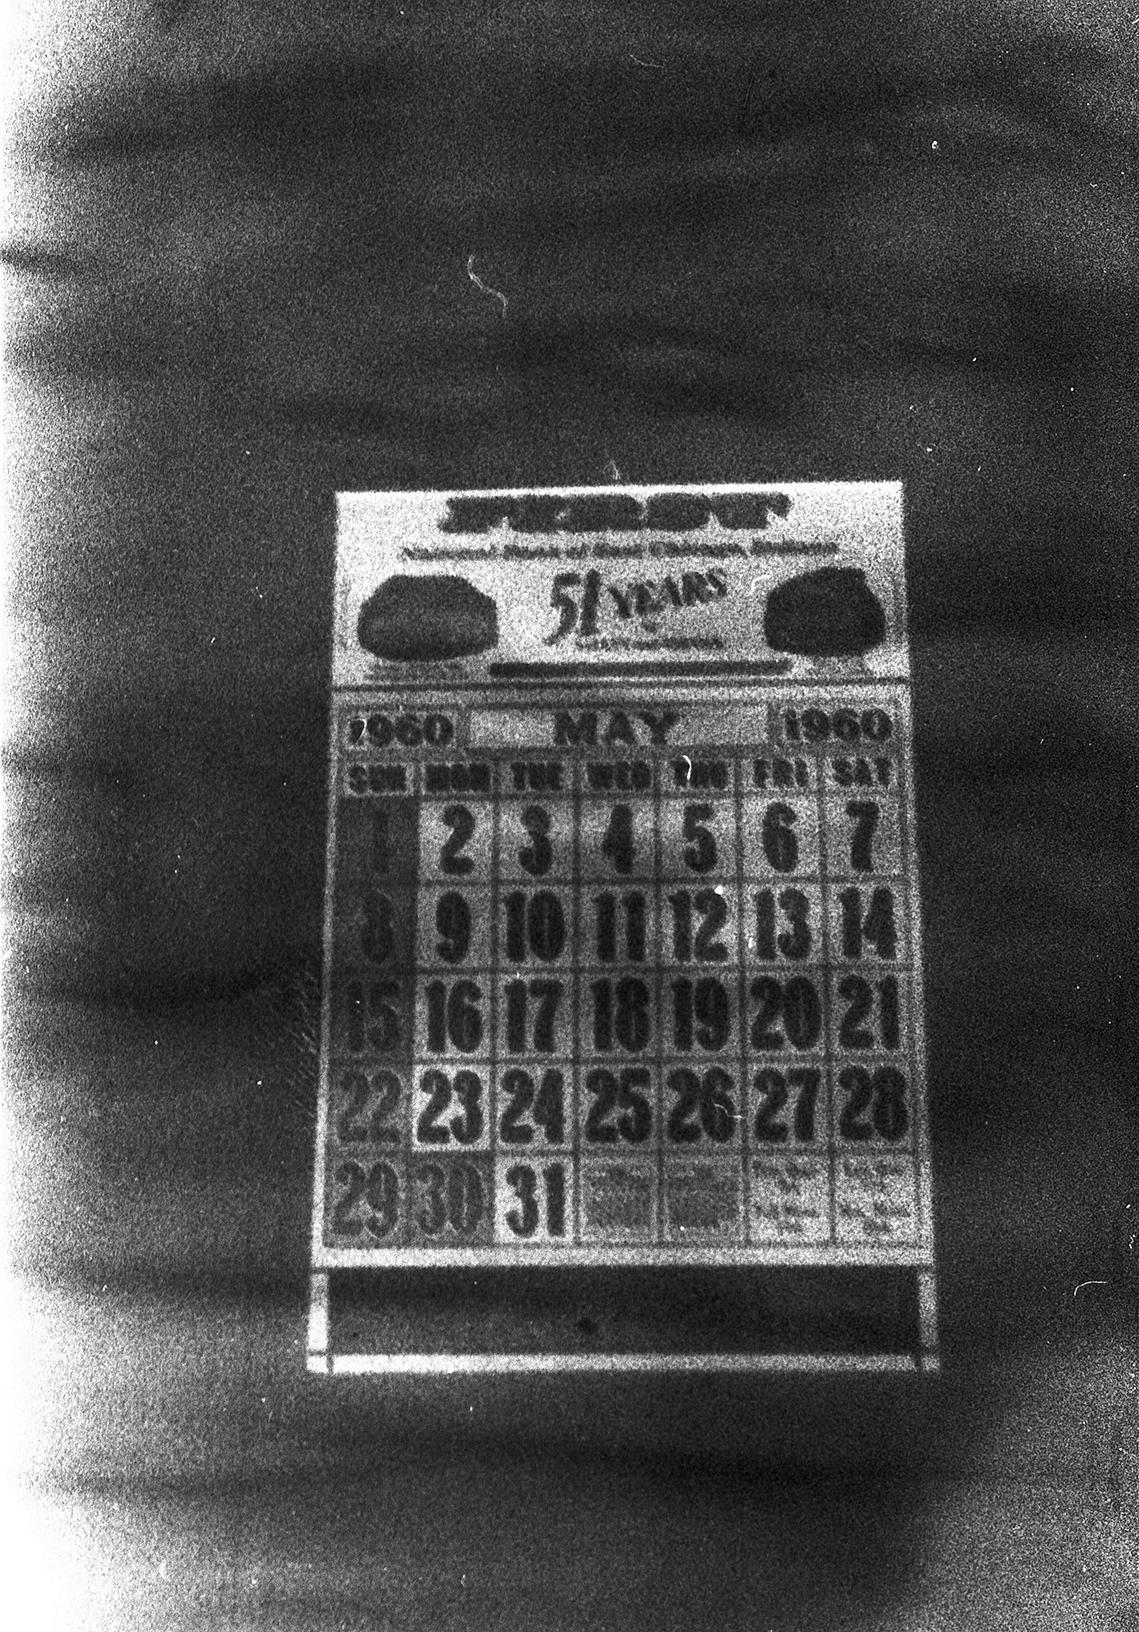 Paul Bundle 54 Roll 1 002